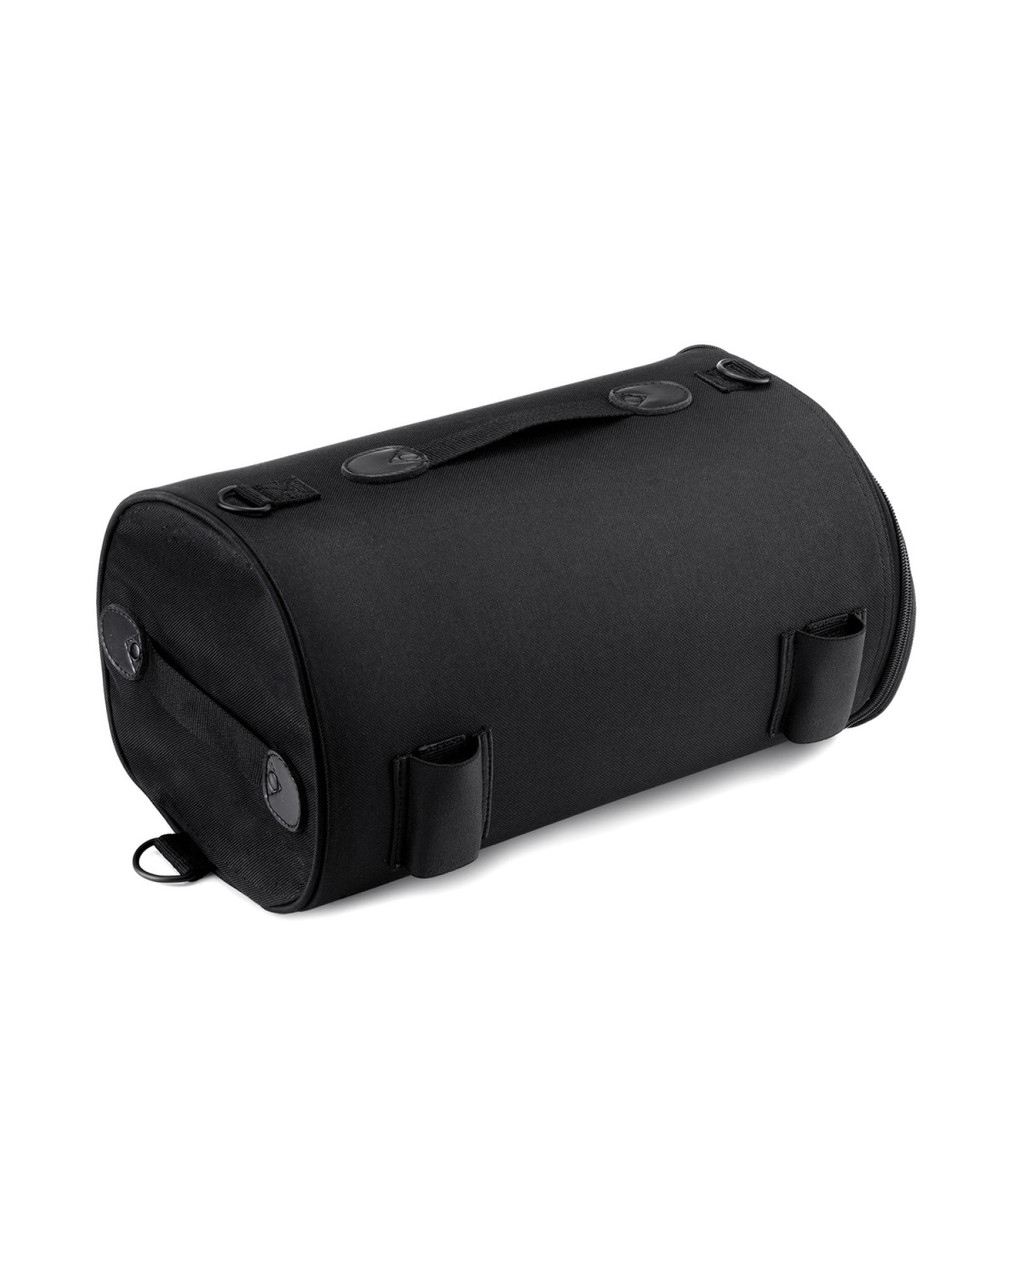 Suzuki Viking Extra Large Plain Motorcycle Sissy Bar Bag Roll Bag